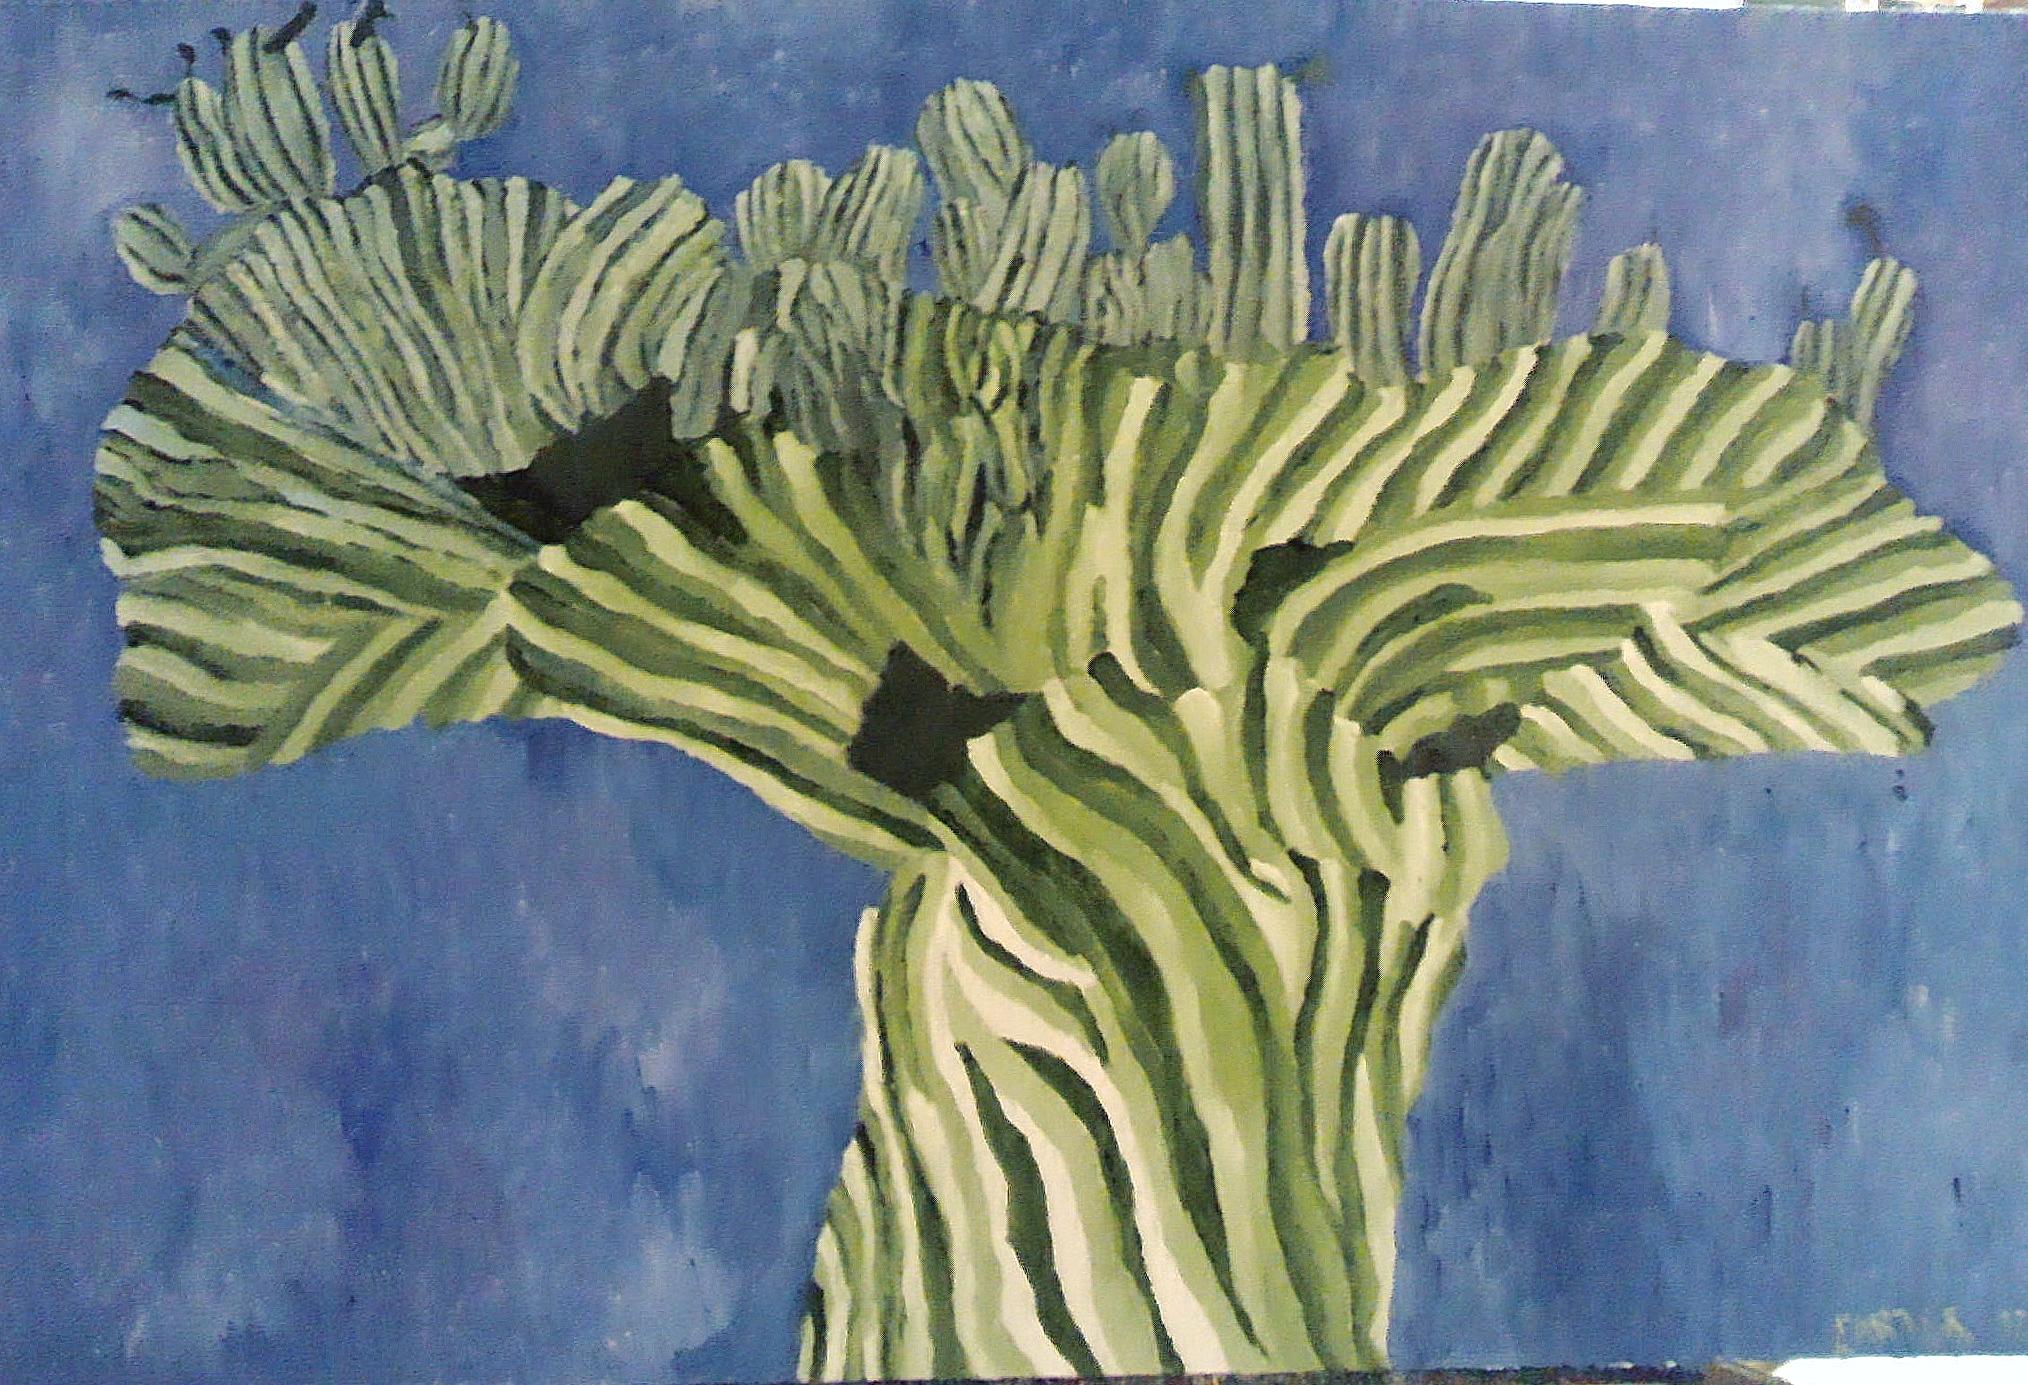 Cactus, 24x30, $450